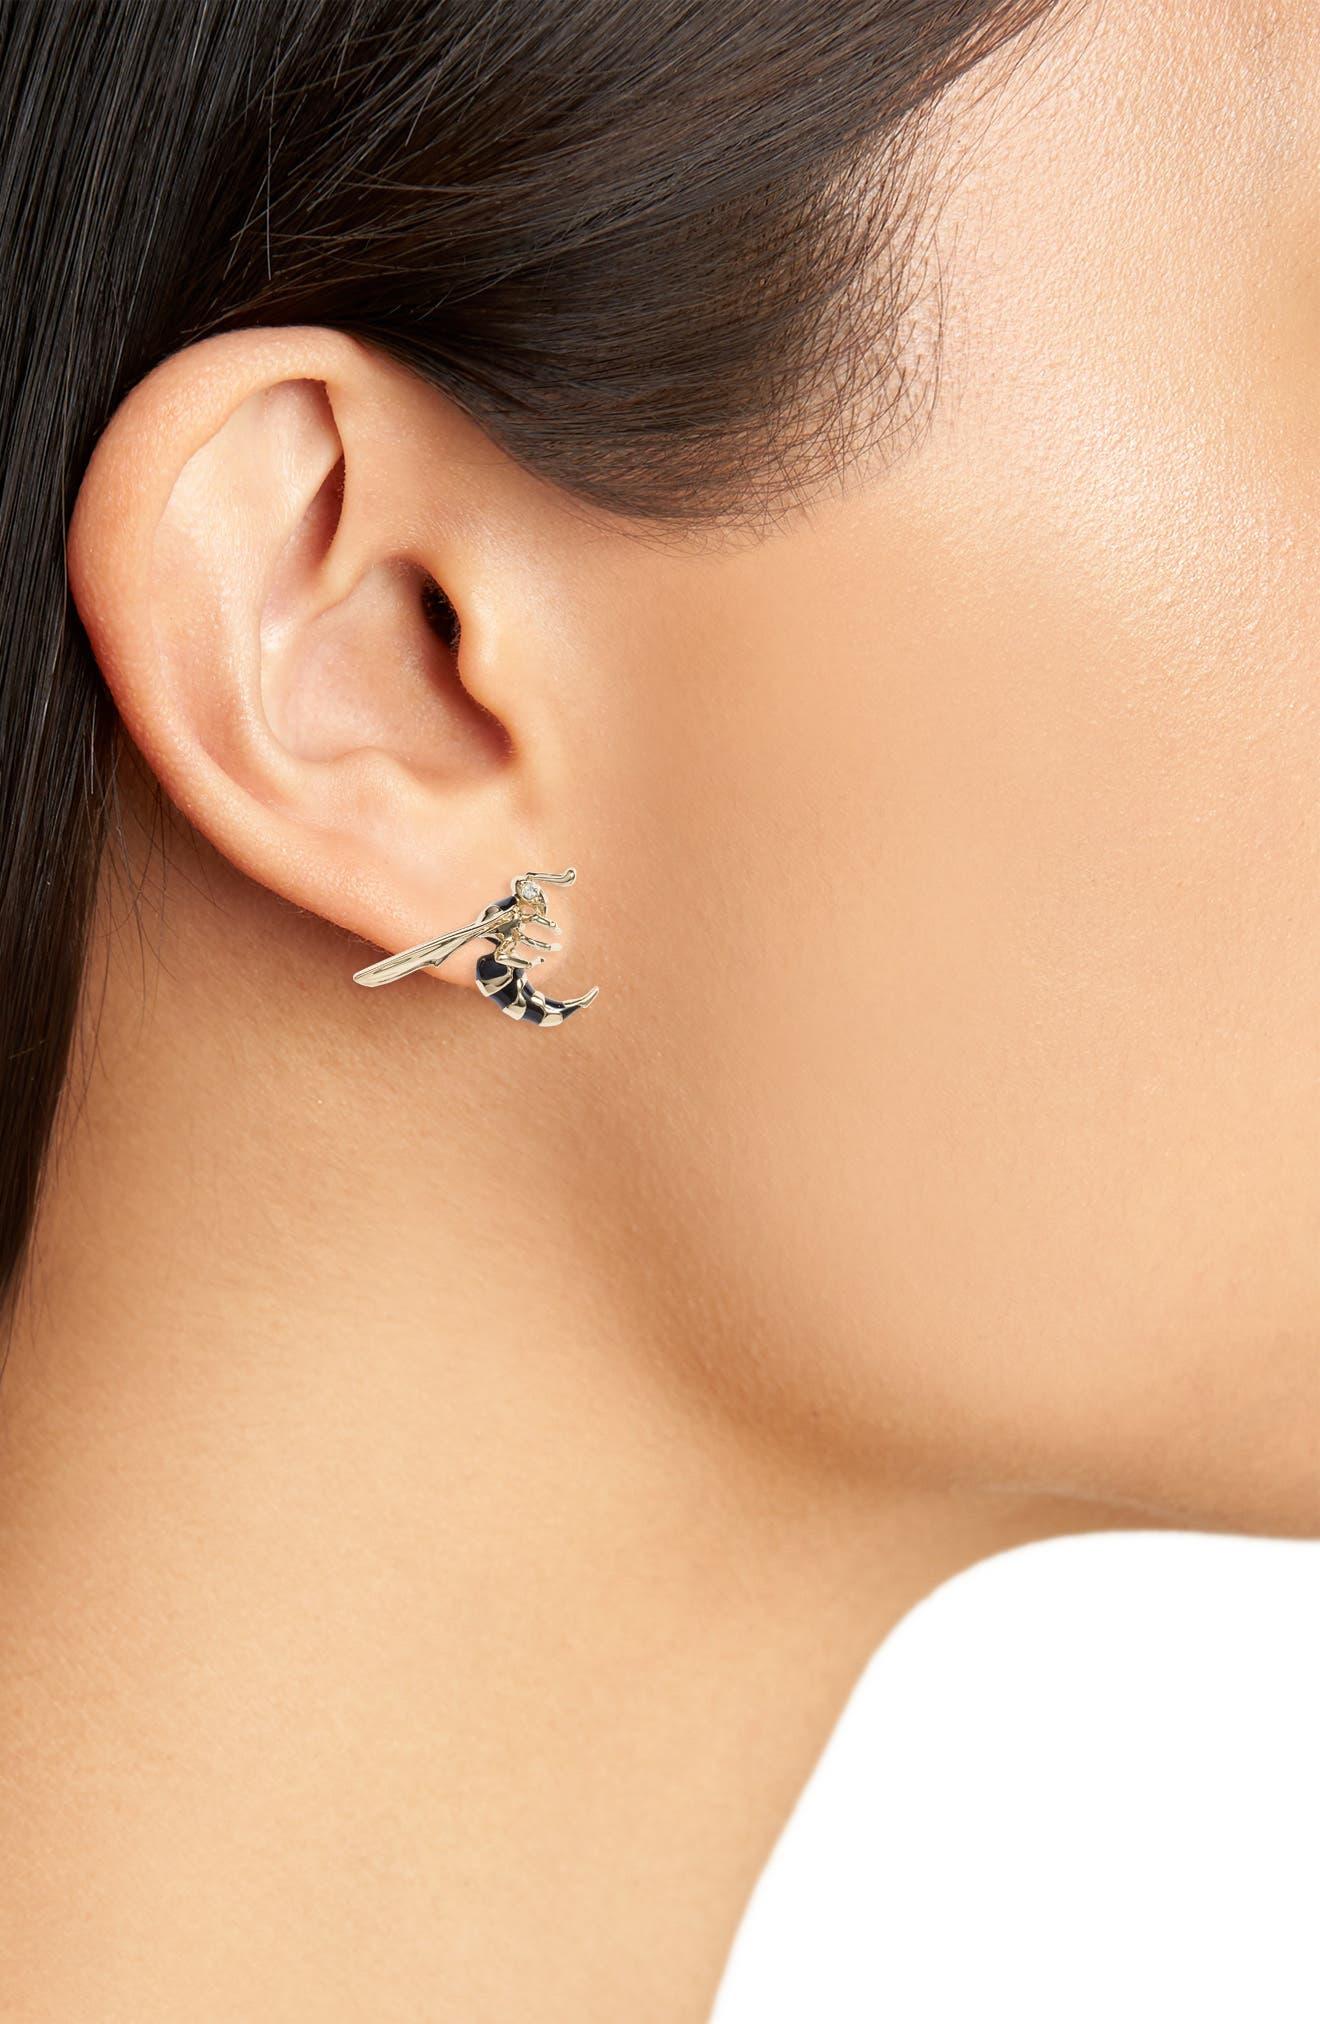 Enameled Hornet Stud Earrings,                             Alternate thumbnail 2, color,                             710